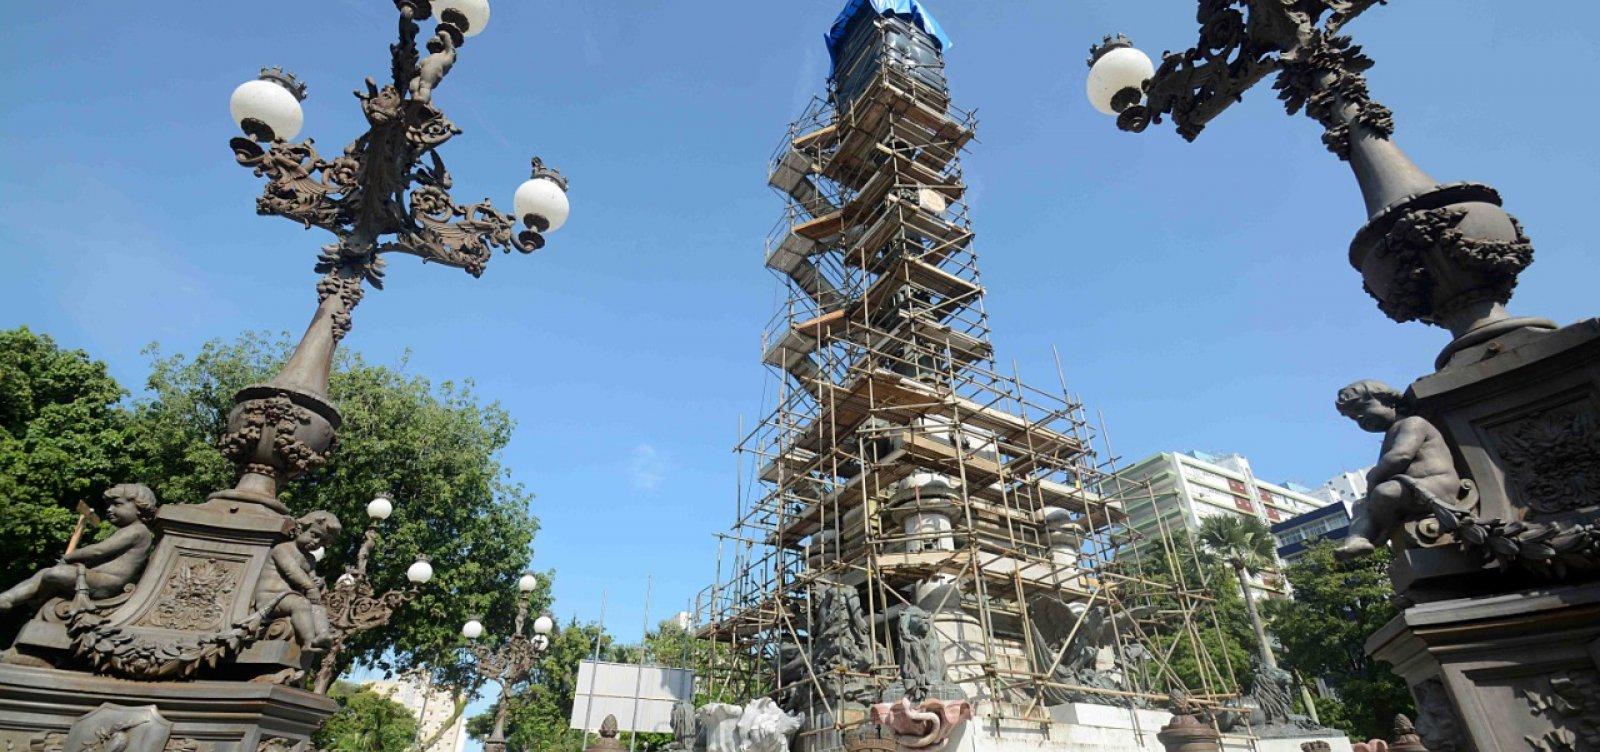 Monumento ao Dois de Julho passa por restauração após 16 anos